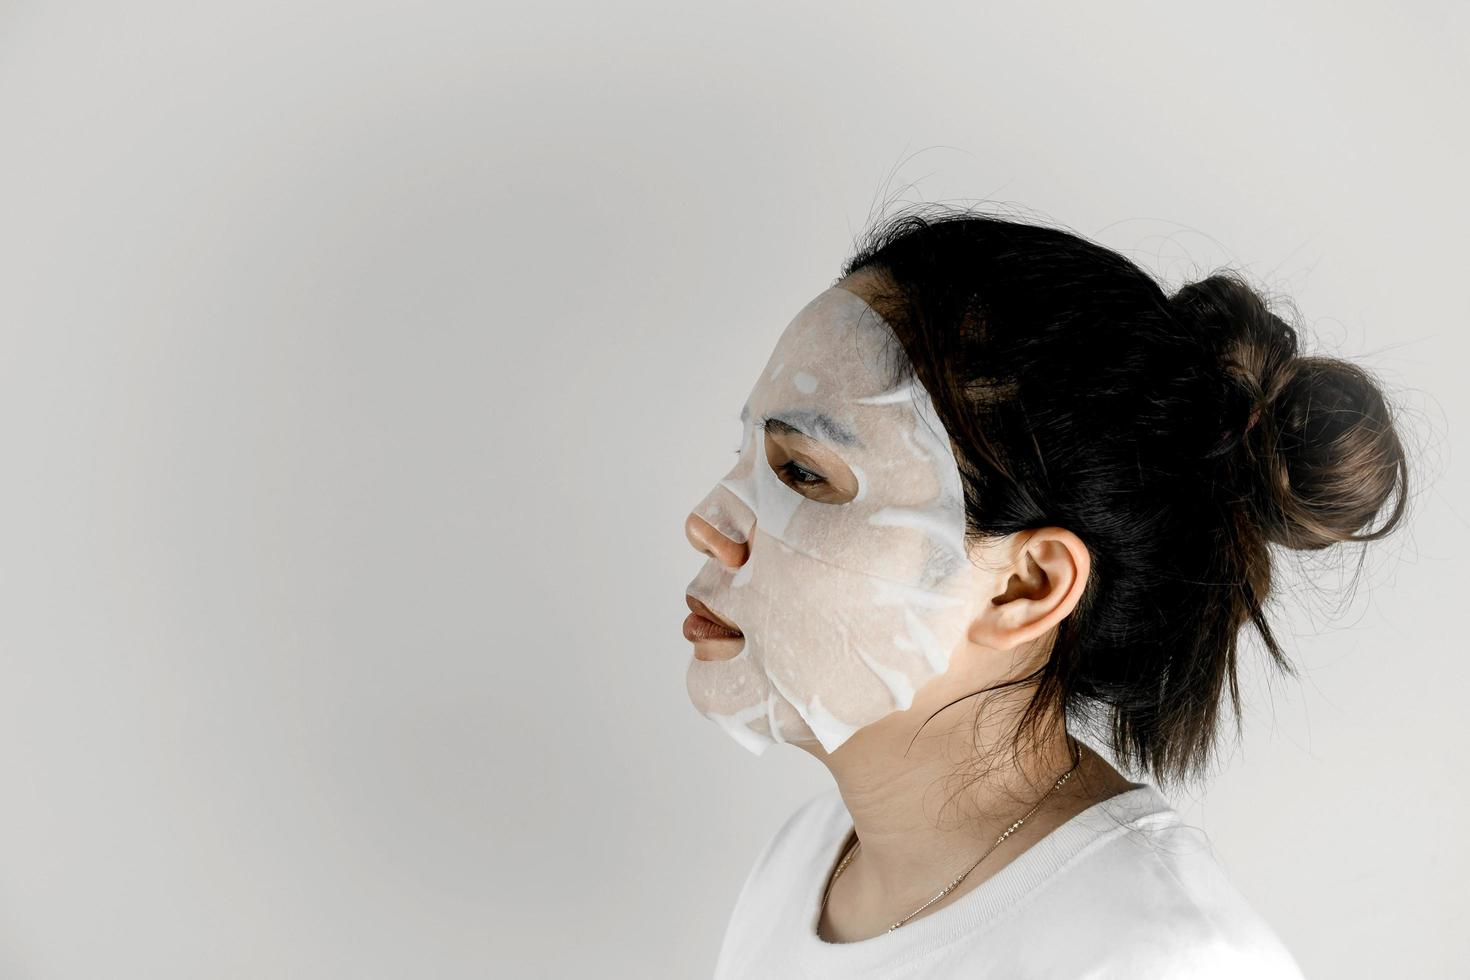 femme asiatique en t-shirt blanc et se couvrant le visage avec un masque en feuille. photo